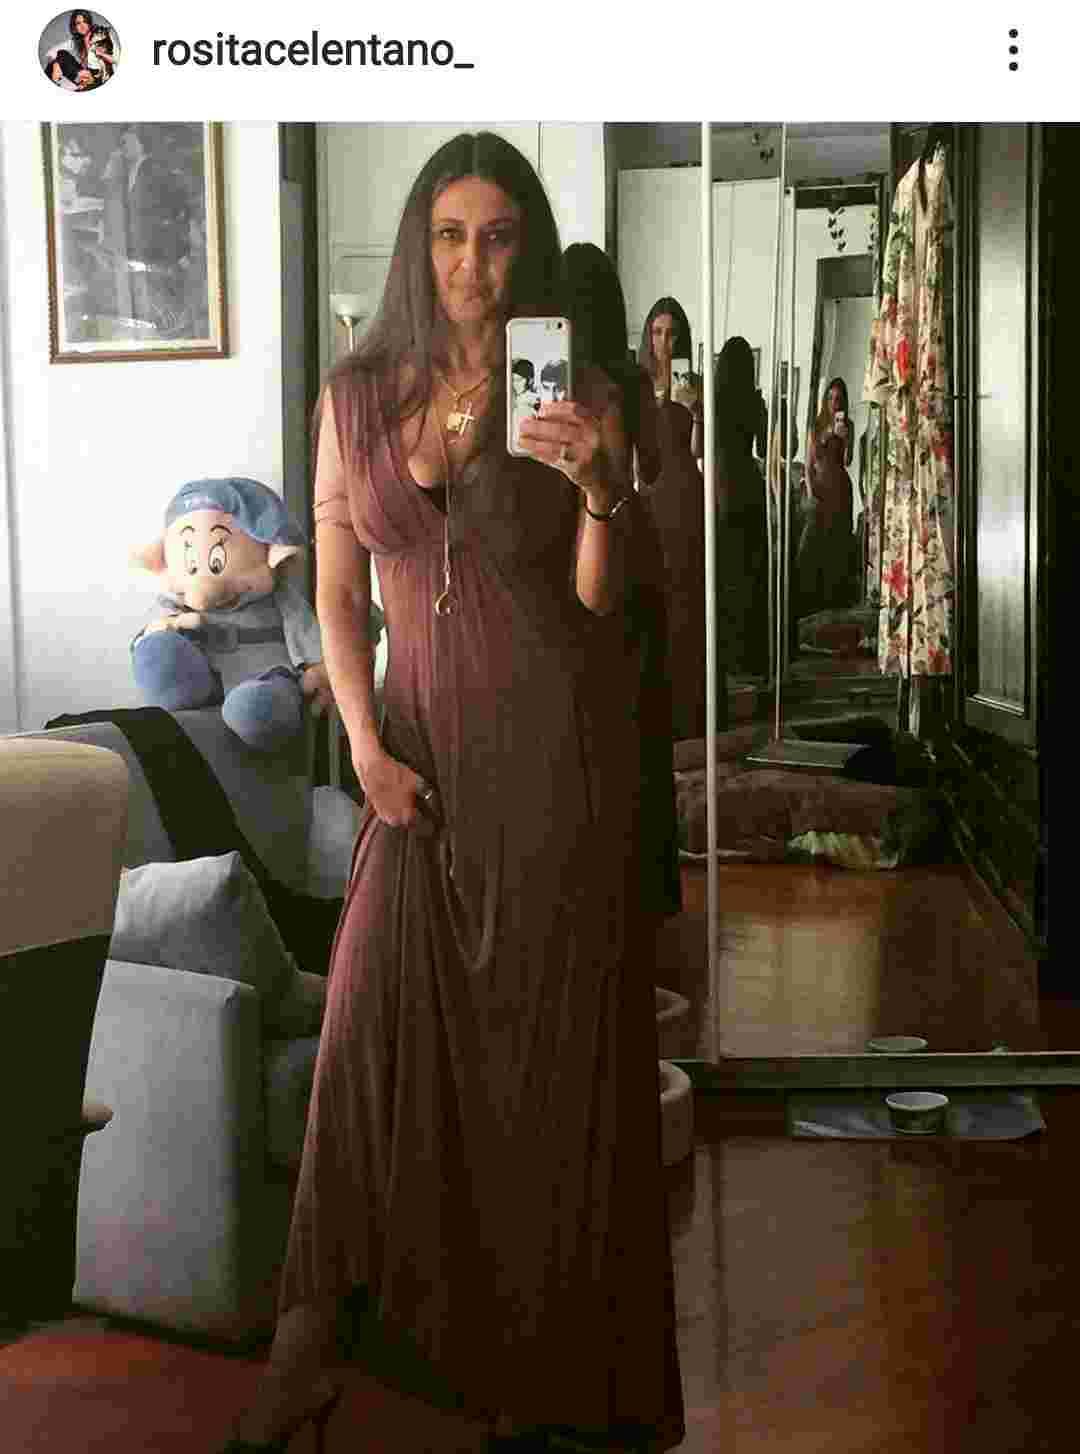 Rosita Celentano in stile gitano - Fonte Instagram